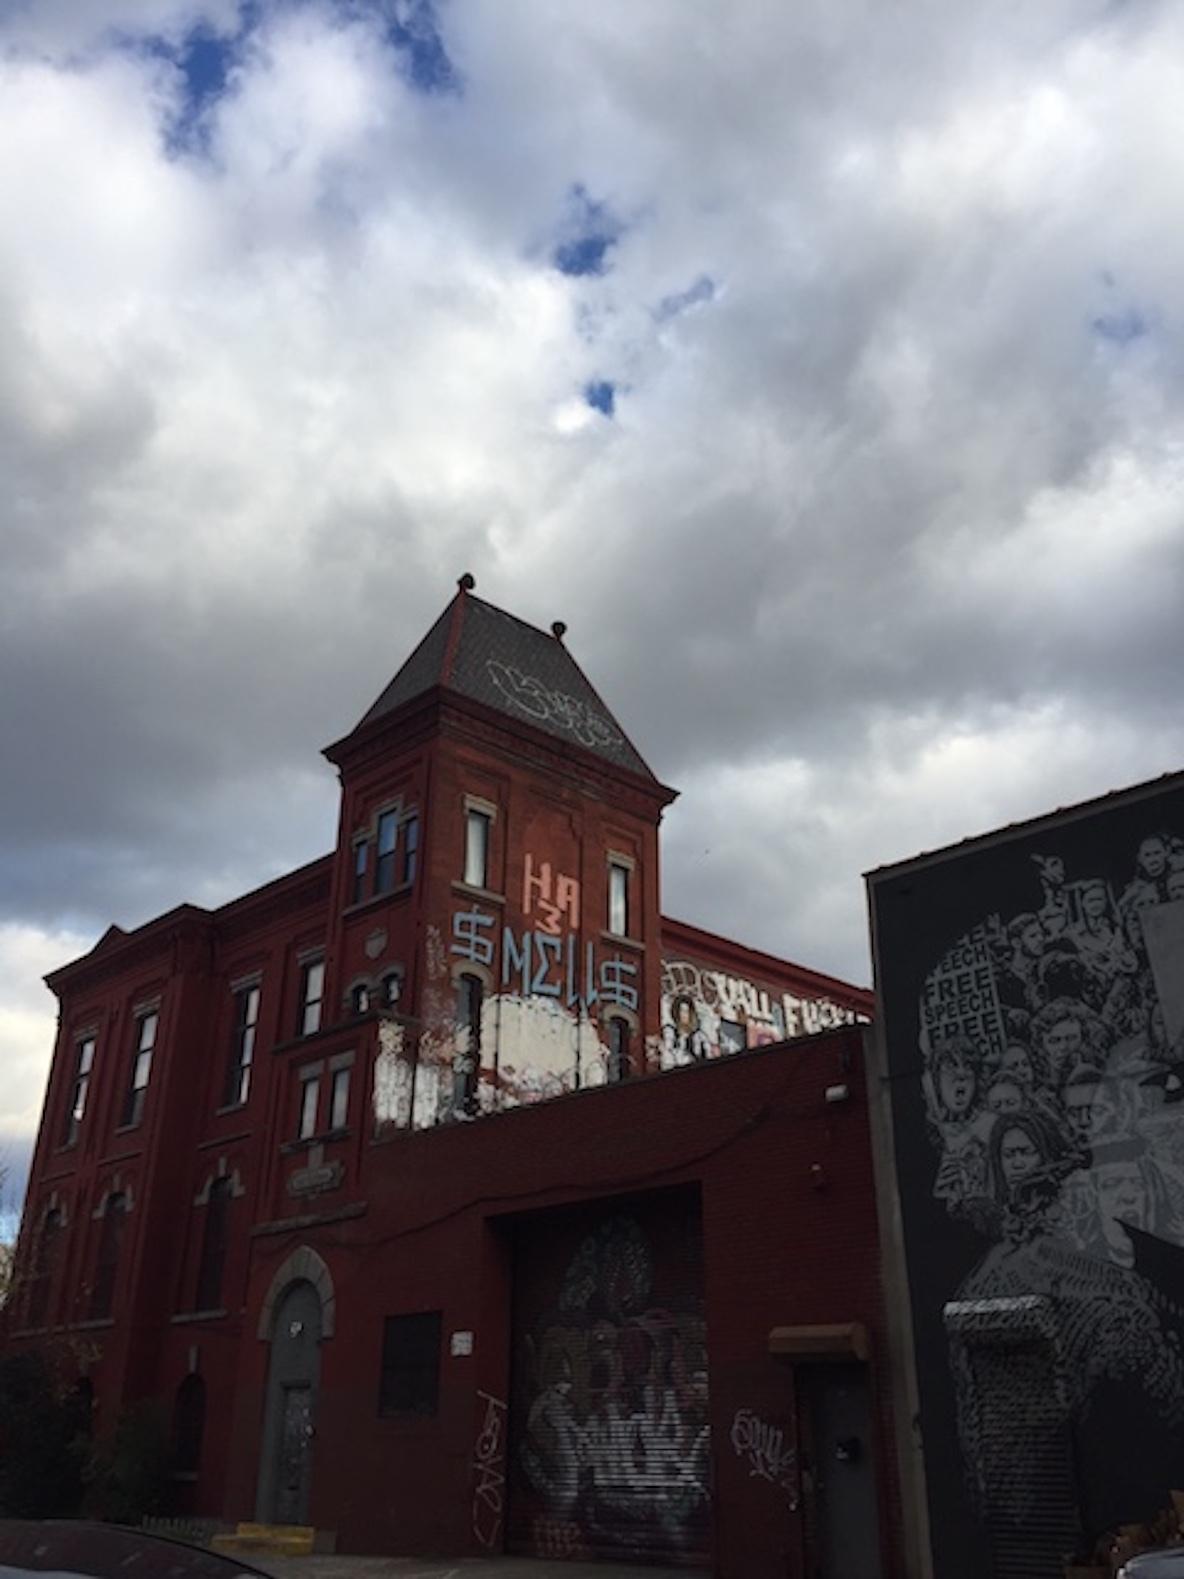 11人のアーティストが暮らす、ニューヨーク・ブルックリンのレトロなレンガ造りのアパートメント